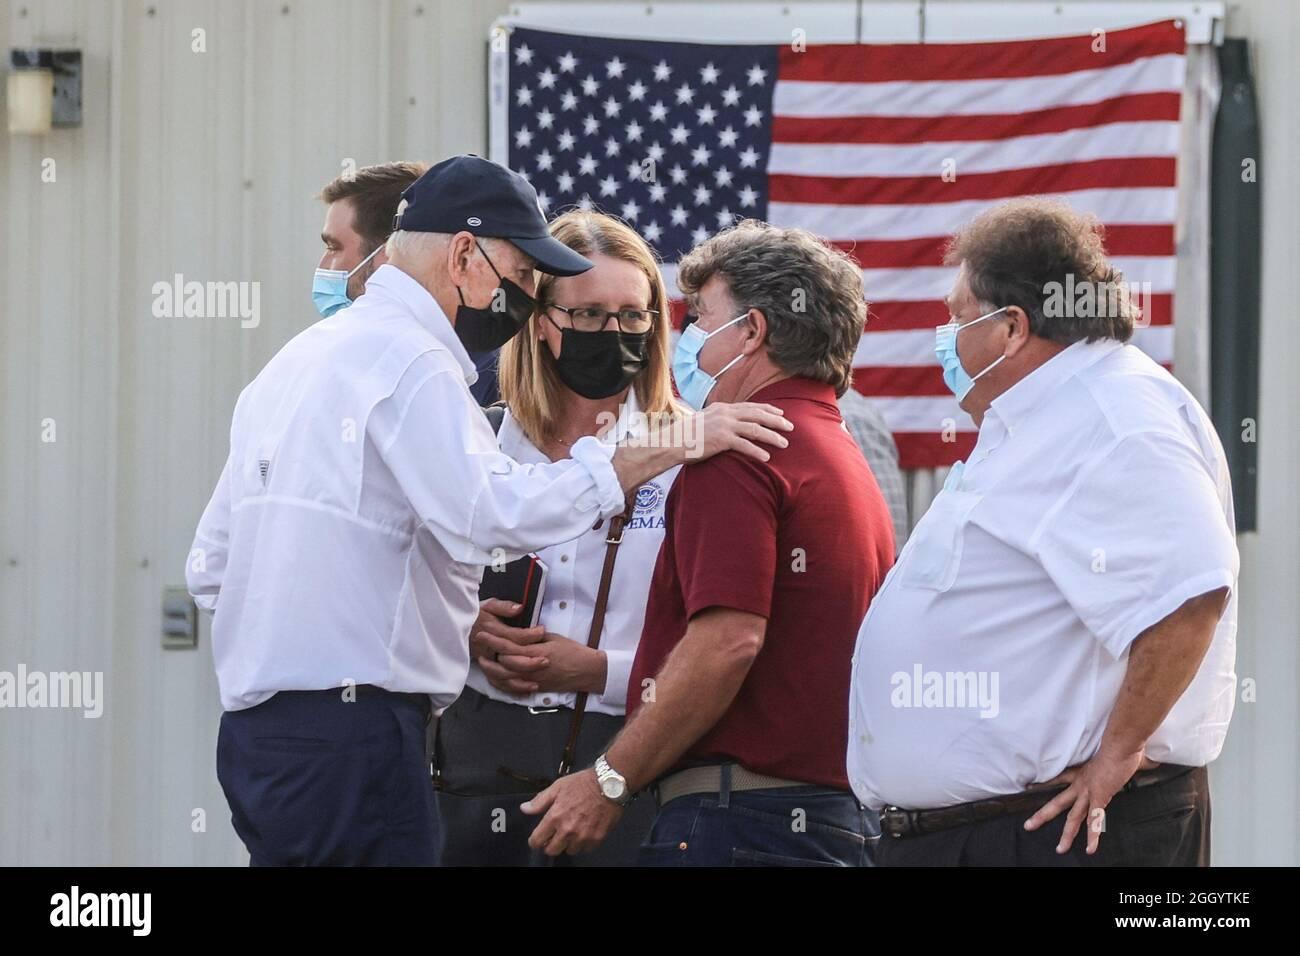 US-Präsident Joe Biden verabschiedet sich nach seinem Treffen mit lokalen Führern der vom Orkane Ida betroffenen Gemeinden in Galliano, Louisiana, USA, 3. September 2021. REUTERS/Jonathan Ernst Stockfoto